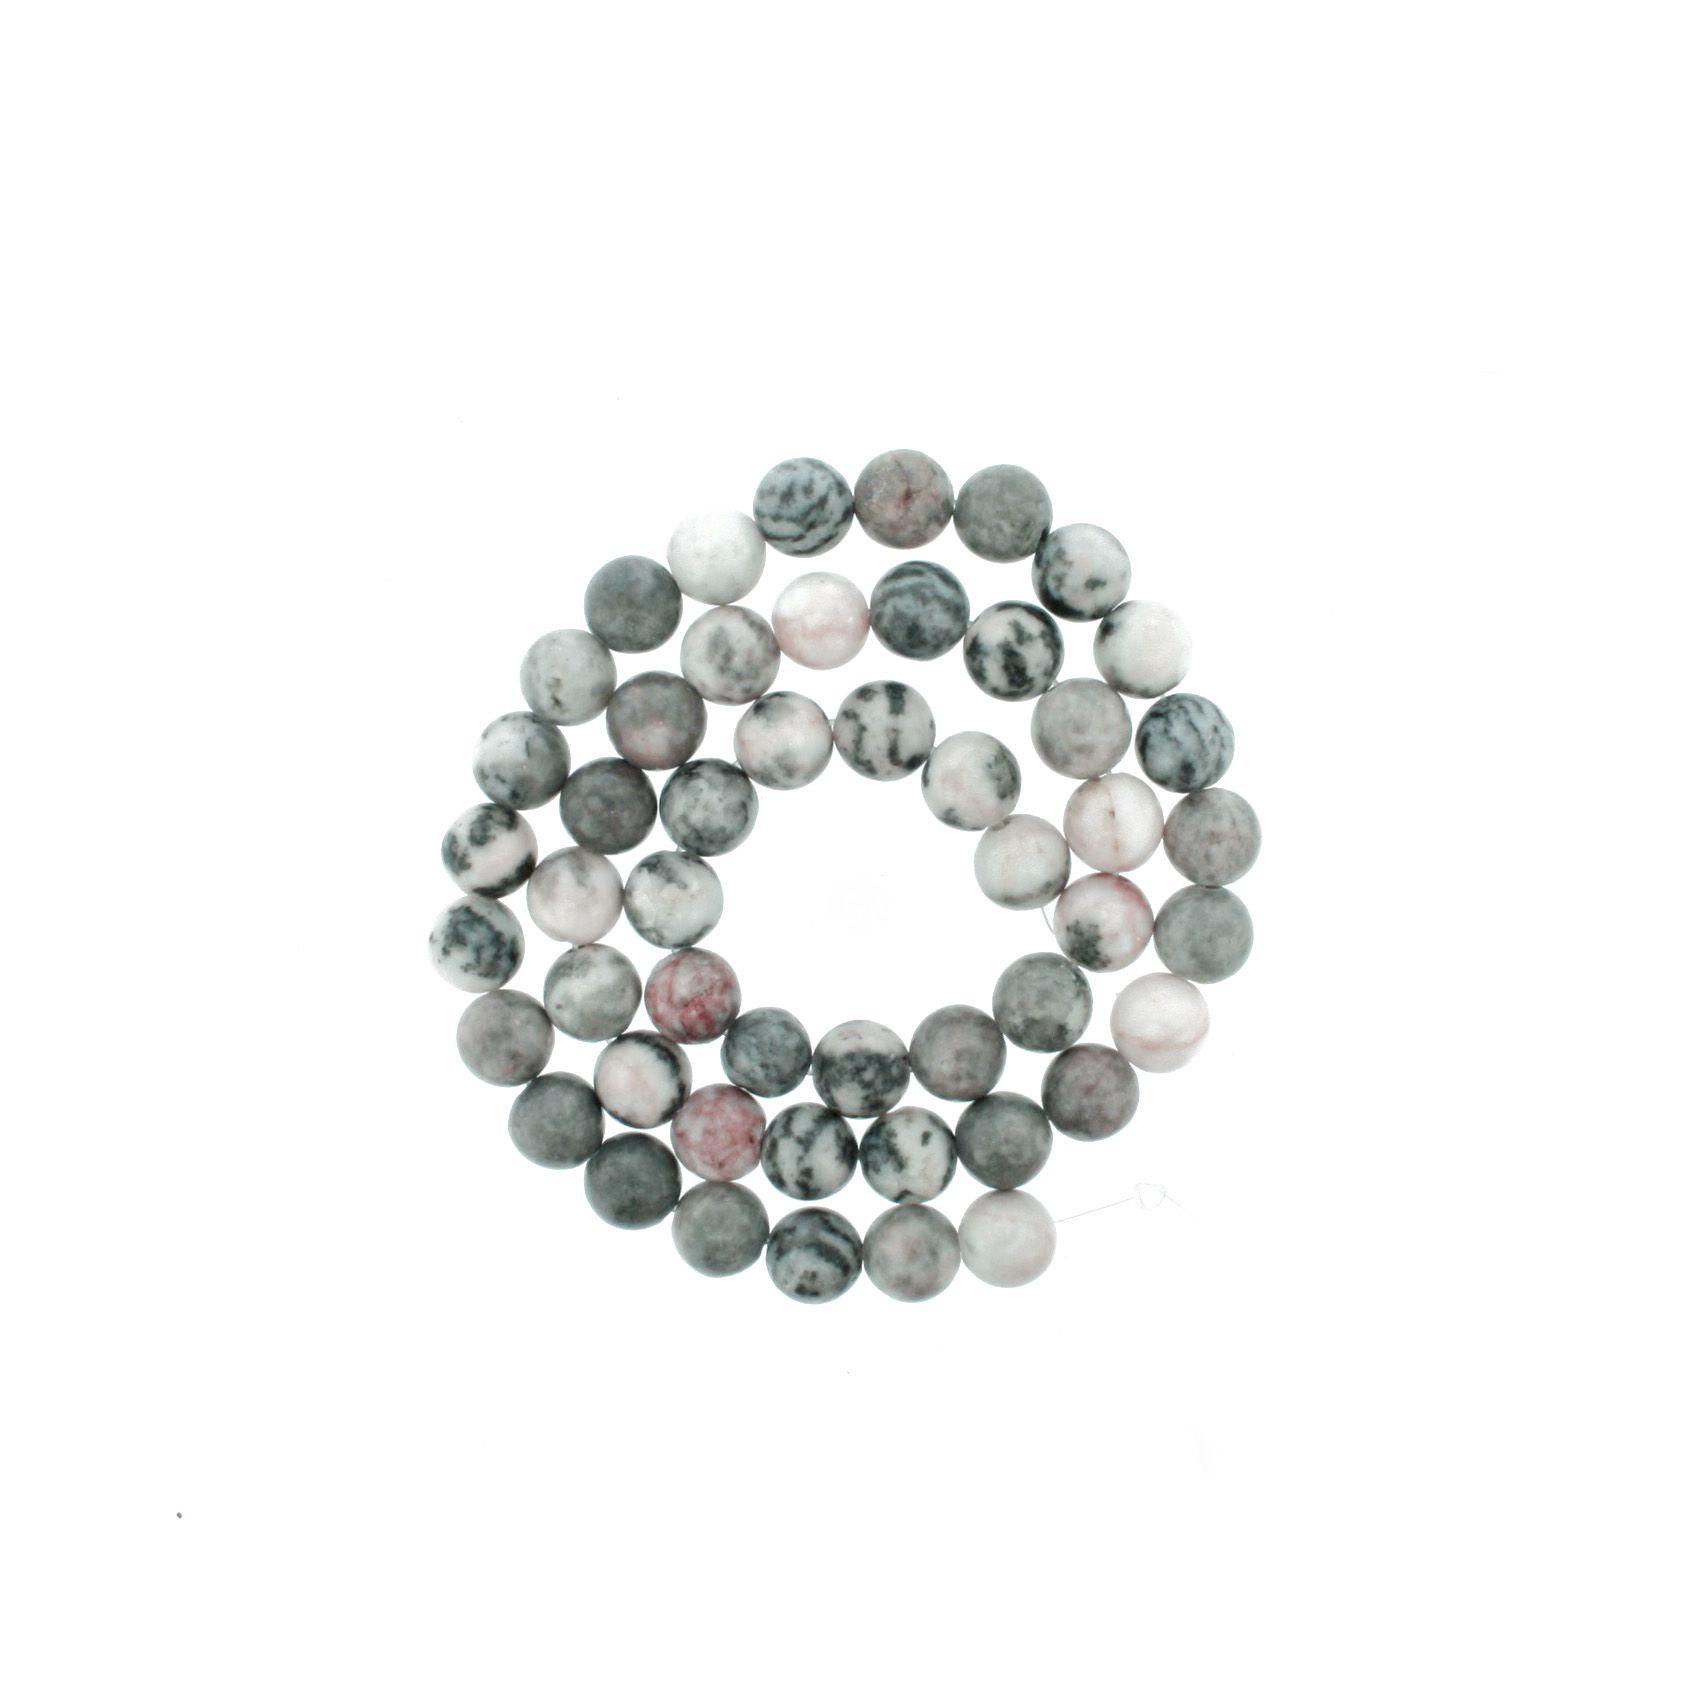 Fio de Pedra - Pietra® - Jaspe Cinza Mesclada - 8mm  - Universo Religioso® - Artigos de Umbanda e Candomblé